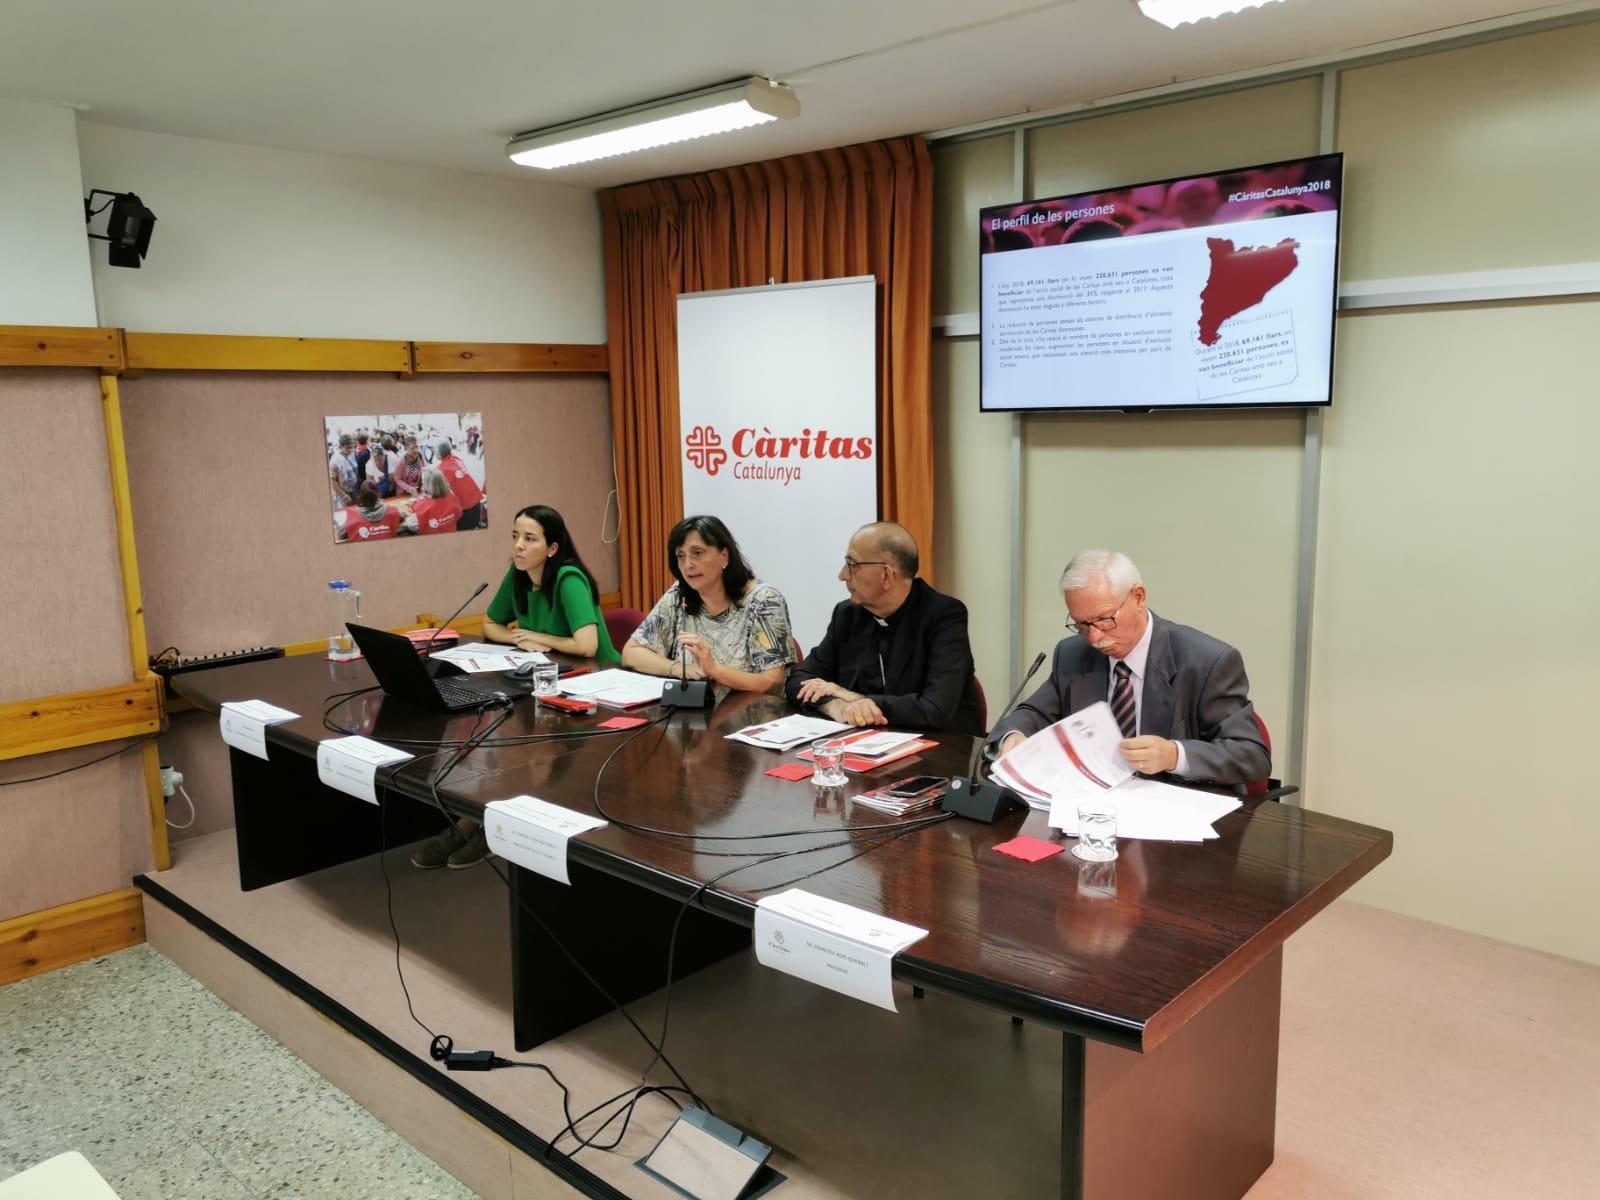 presentació memòria Caritas catalunya 2018